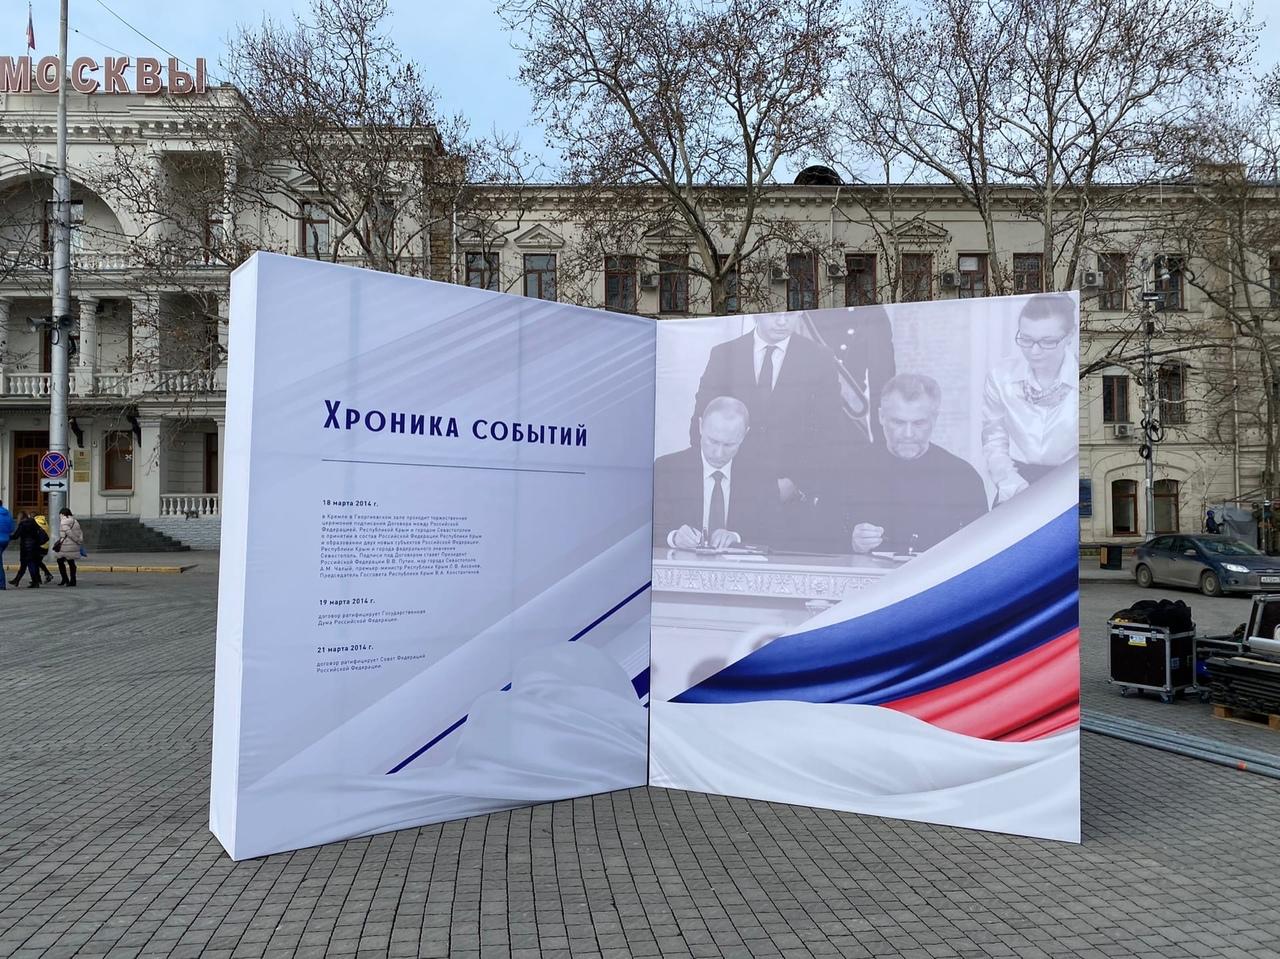 В Севастополе стартовала фотовыставка «Русская весна. Хроники событий» (фото)